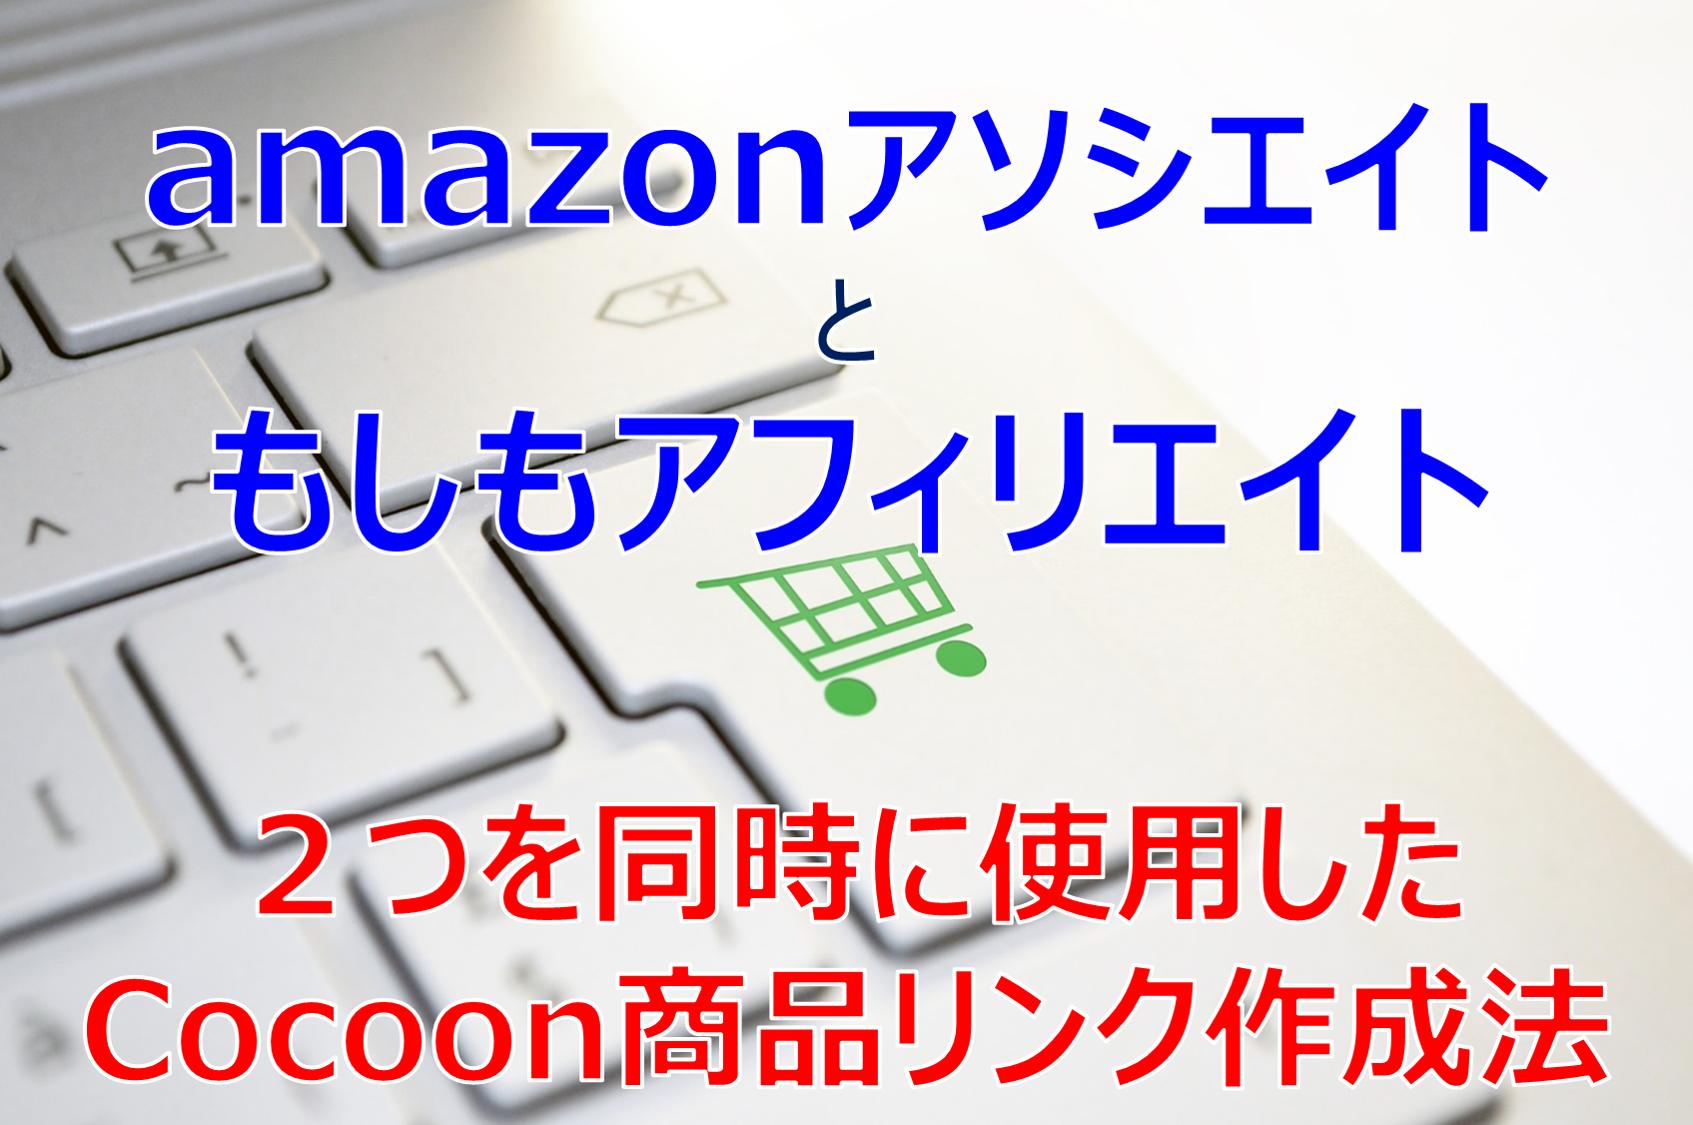 Cocoonの商品リンクでアマゾンともしもリンクを同時に使う方法